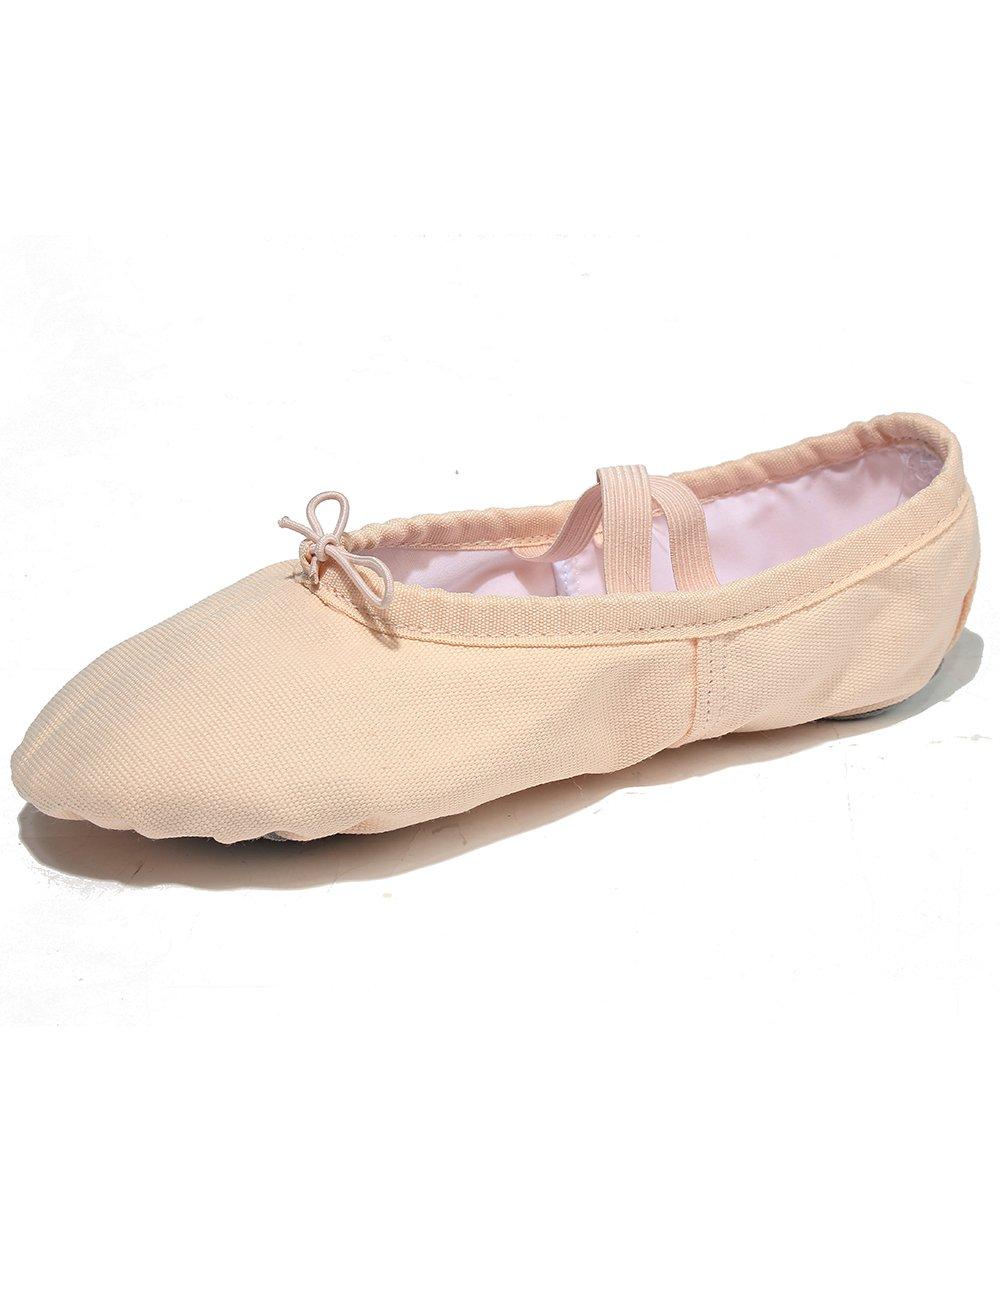 幼児の女の子と大人のクラシックバレエシューズスプリットソールダンススリッパフィットネス体操靴バレエクラスのヨガストレッチに適しています(キッズ英国8.5 = 175mm = 6.5インチ、ライトピンク)